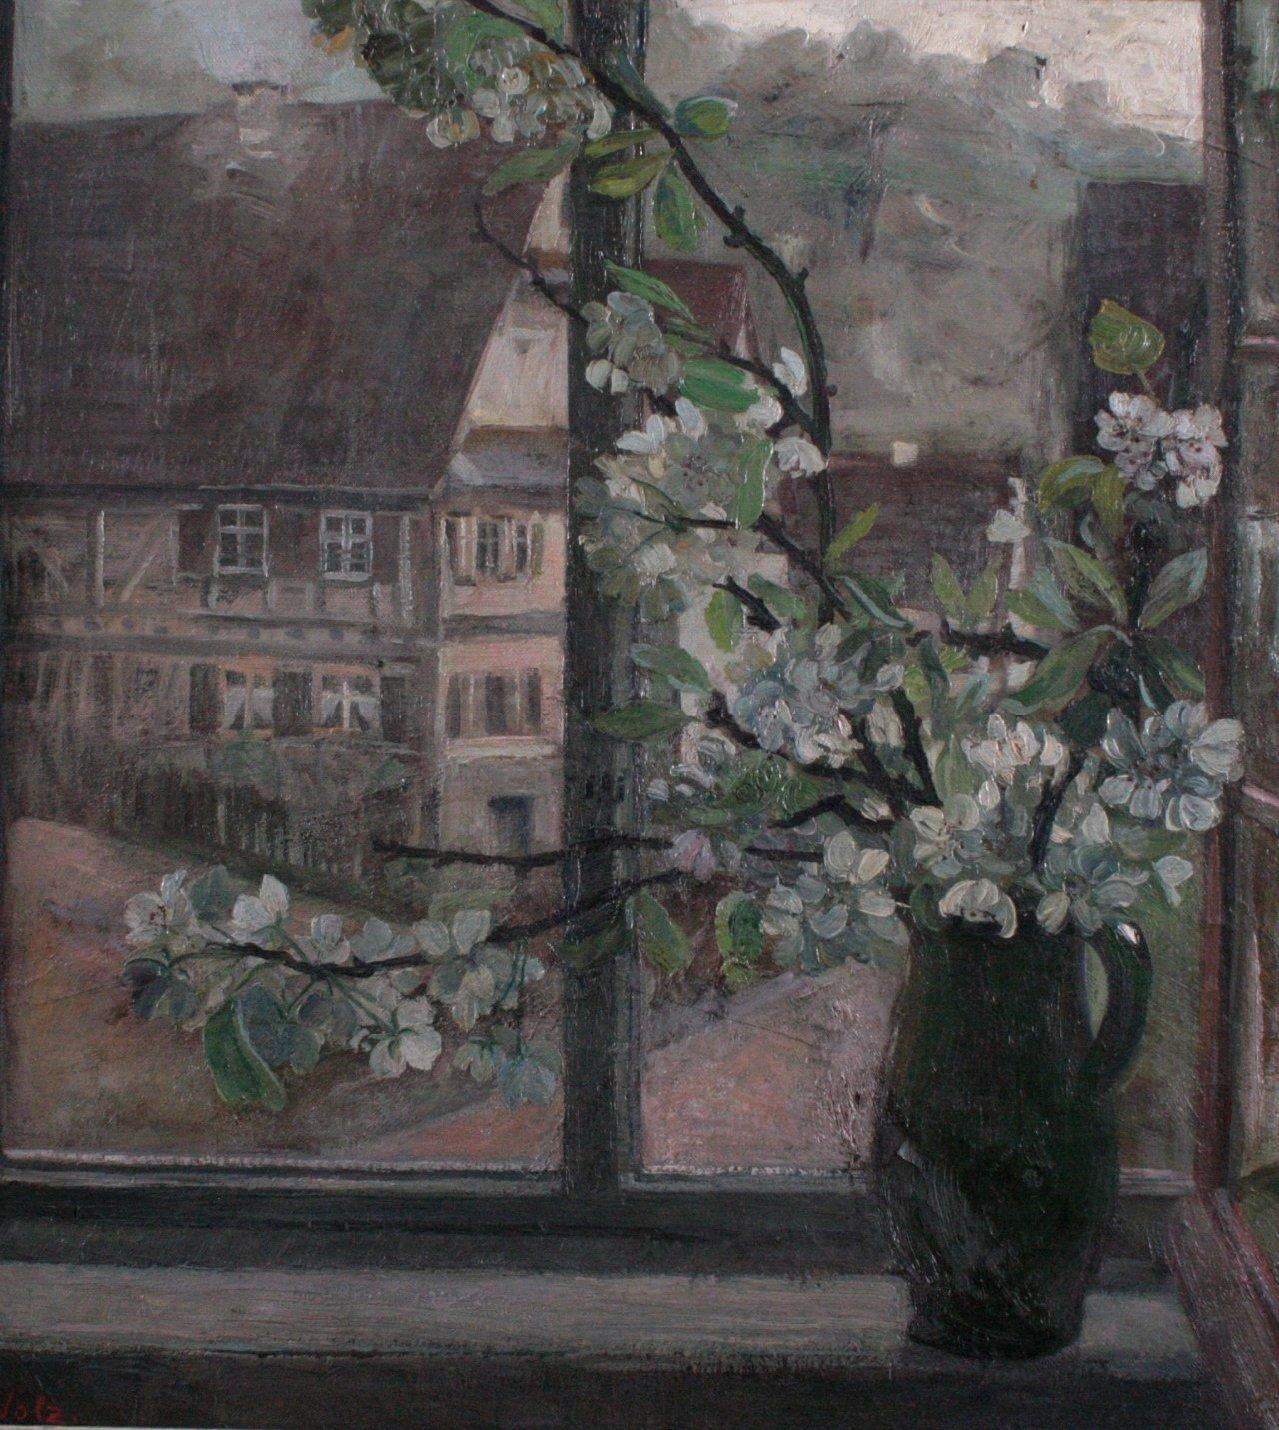 W. Volz (1855-1901), Fensterblick mit Fachwerkaus und Blumen-1